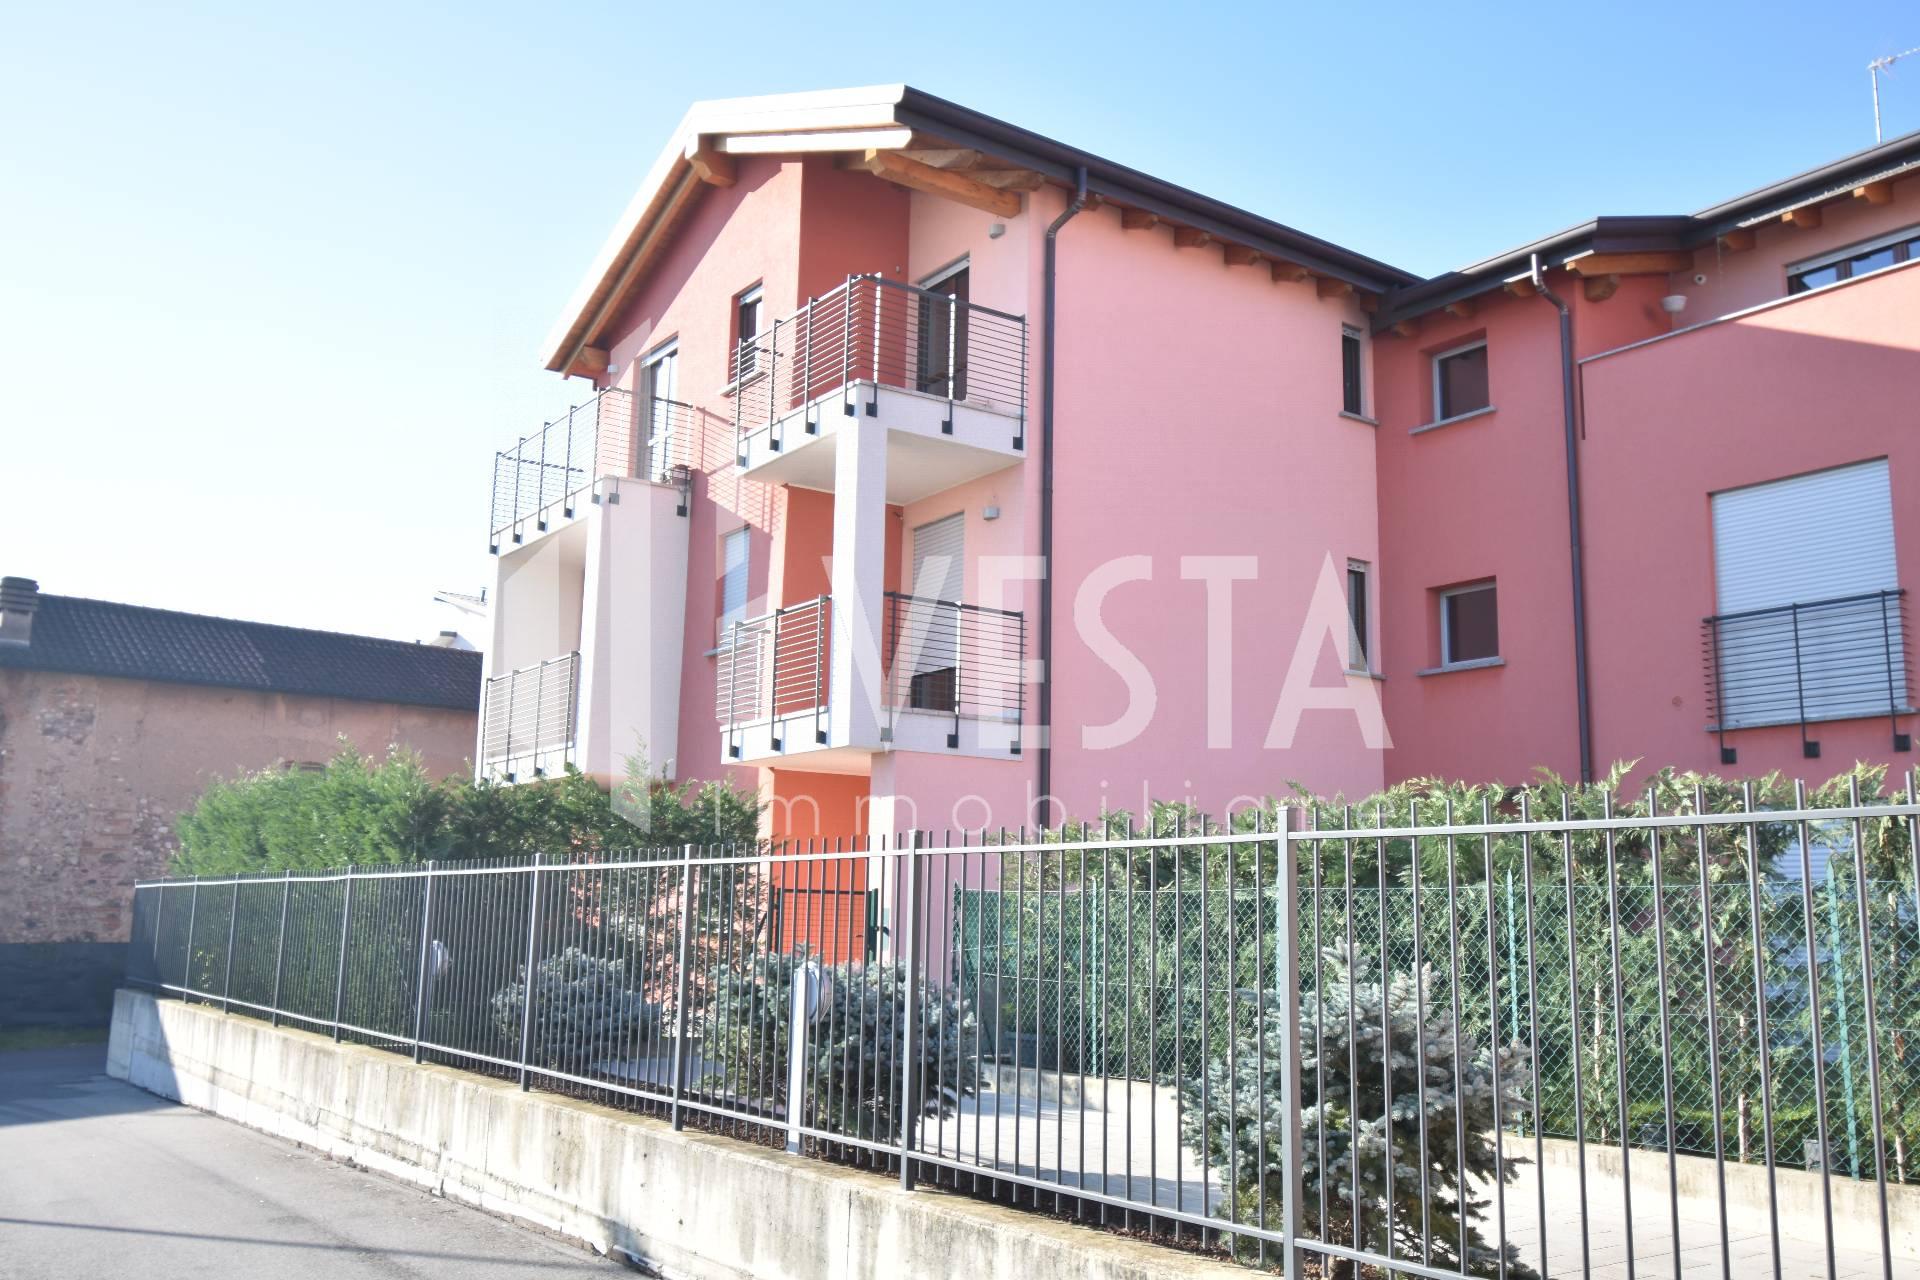 Appartamento in affitto a Ronco Briantino, 2 locali, zona Località: semicentro, prezzo € 550   CambioCasa.it